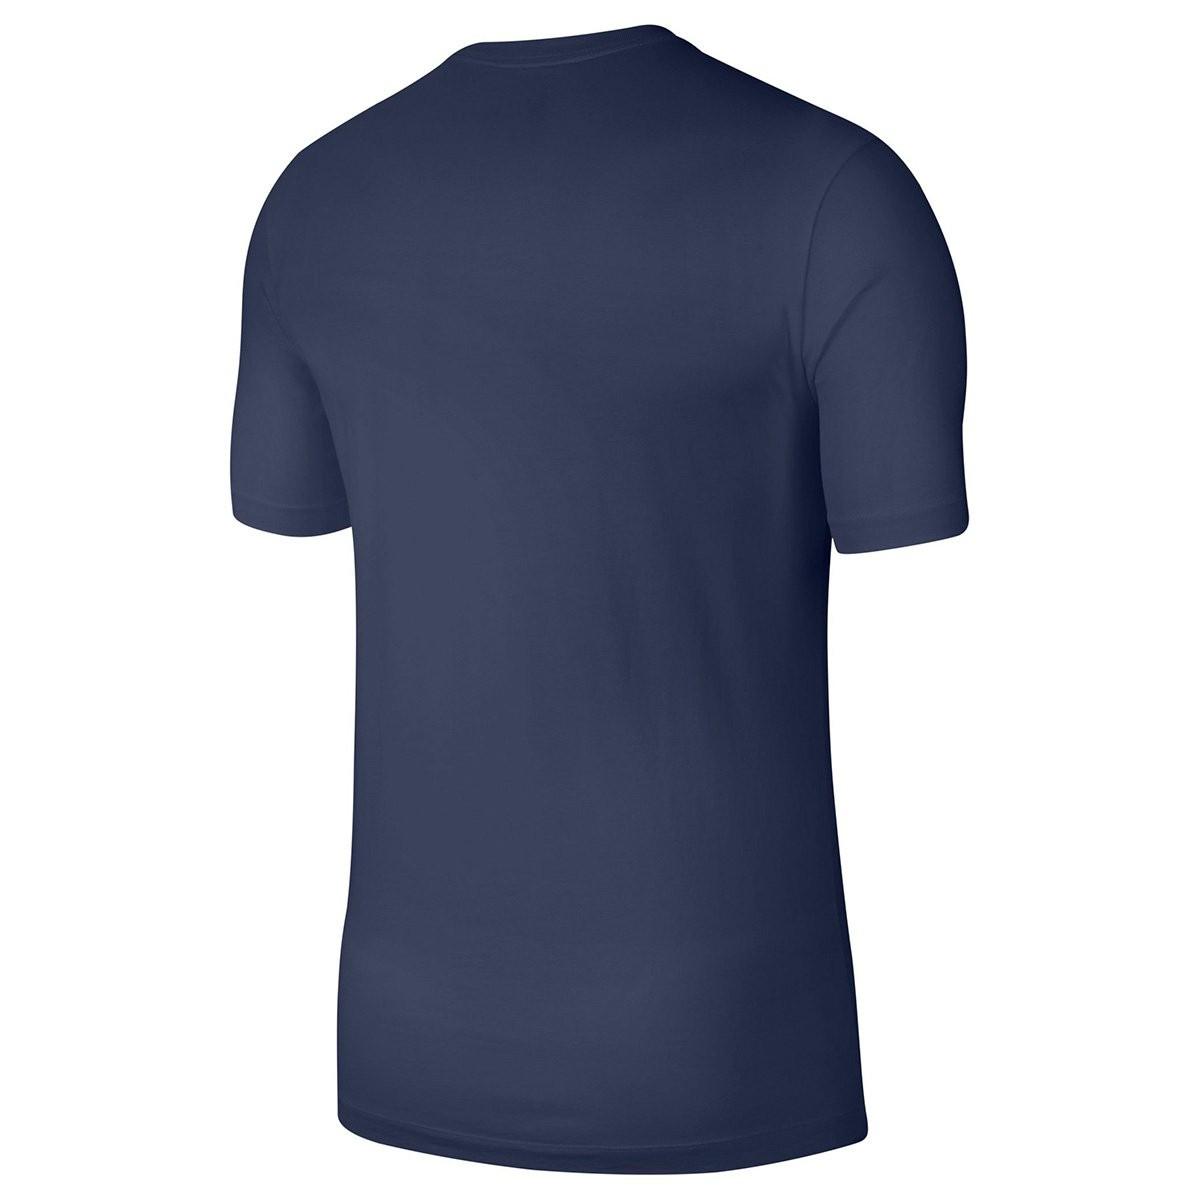 Camiseta Nike SB On Deck Masculina - Marinho